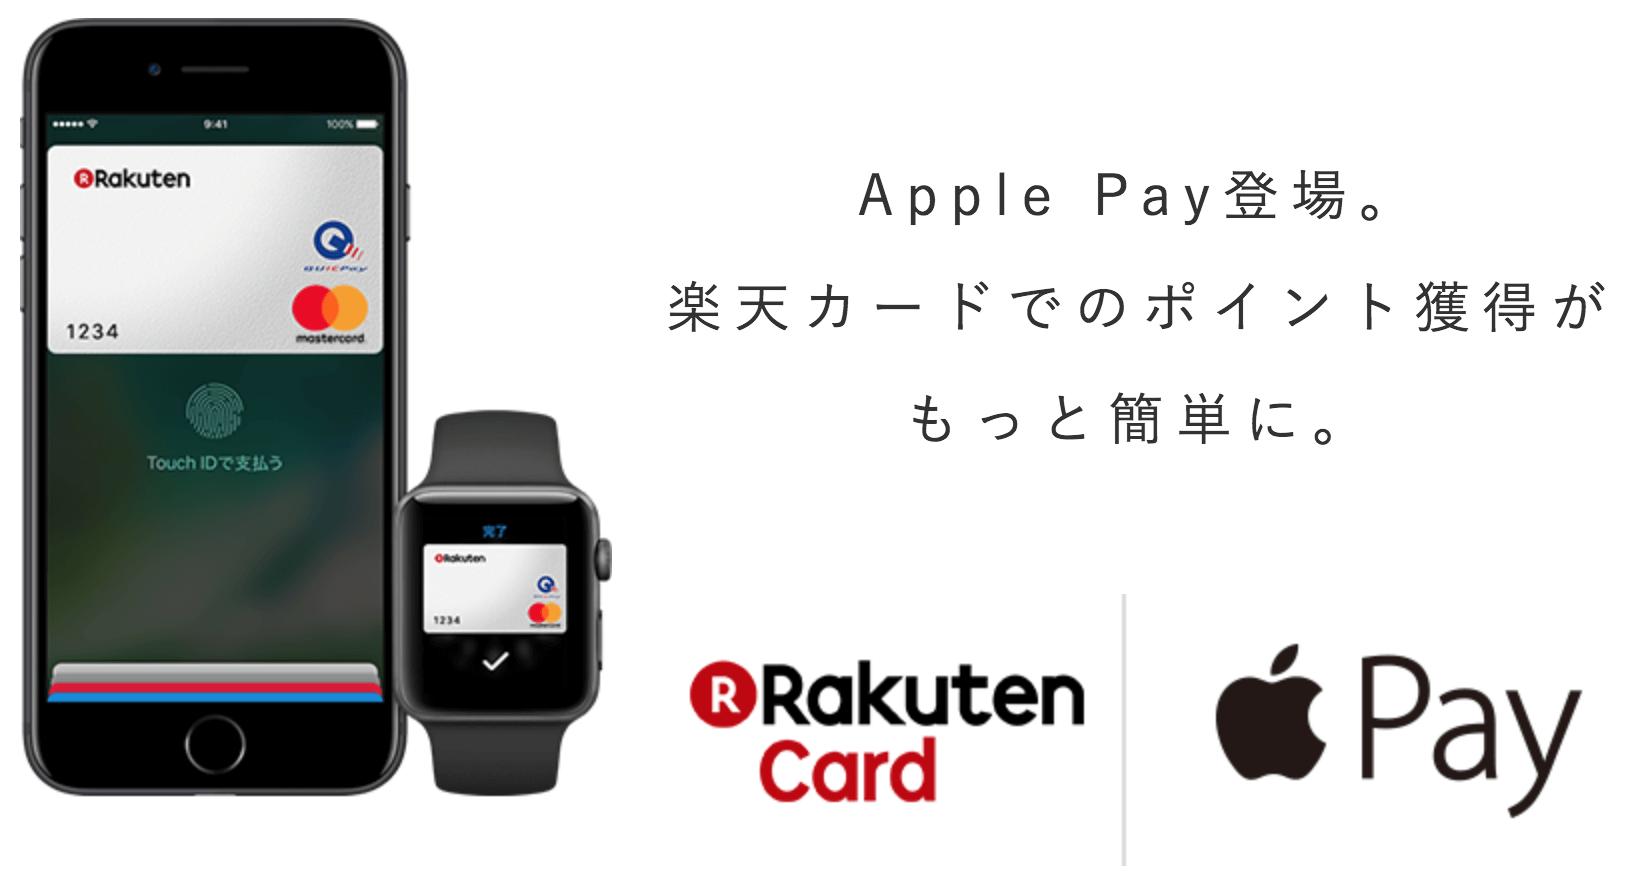 楽天プレミアムカードはApple Payに対応